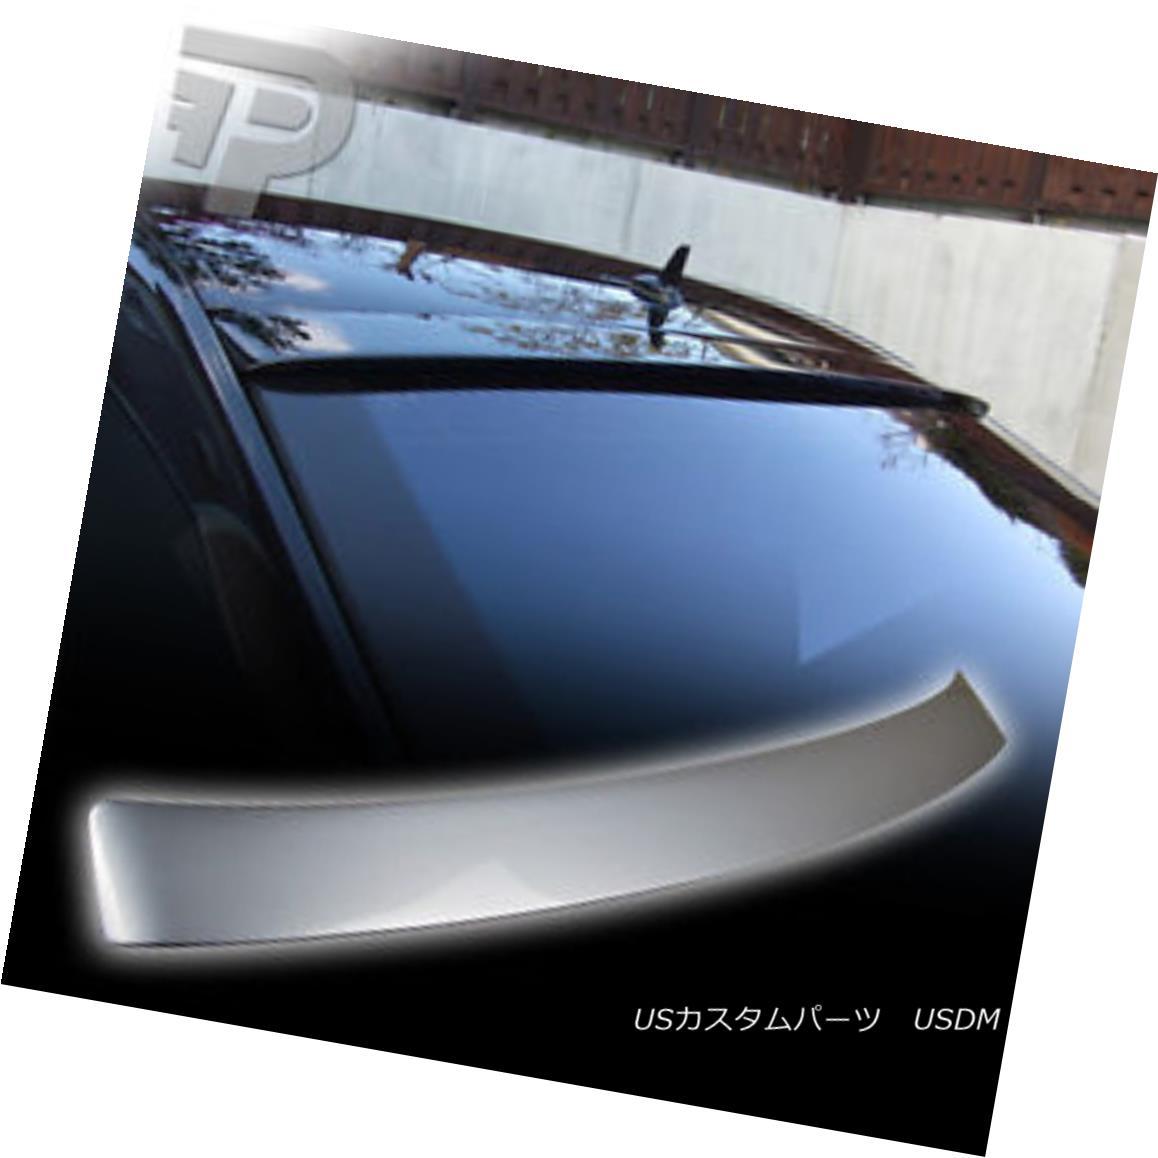 エアロパーツ PAINTED Mercedes BENZ W221 L ROOF REAR WING SPOILER #744 SILVER 塗装されたメルセデスベンツW221 Lルーフリアウイングスポイラー#744シルバー